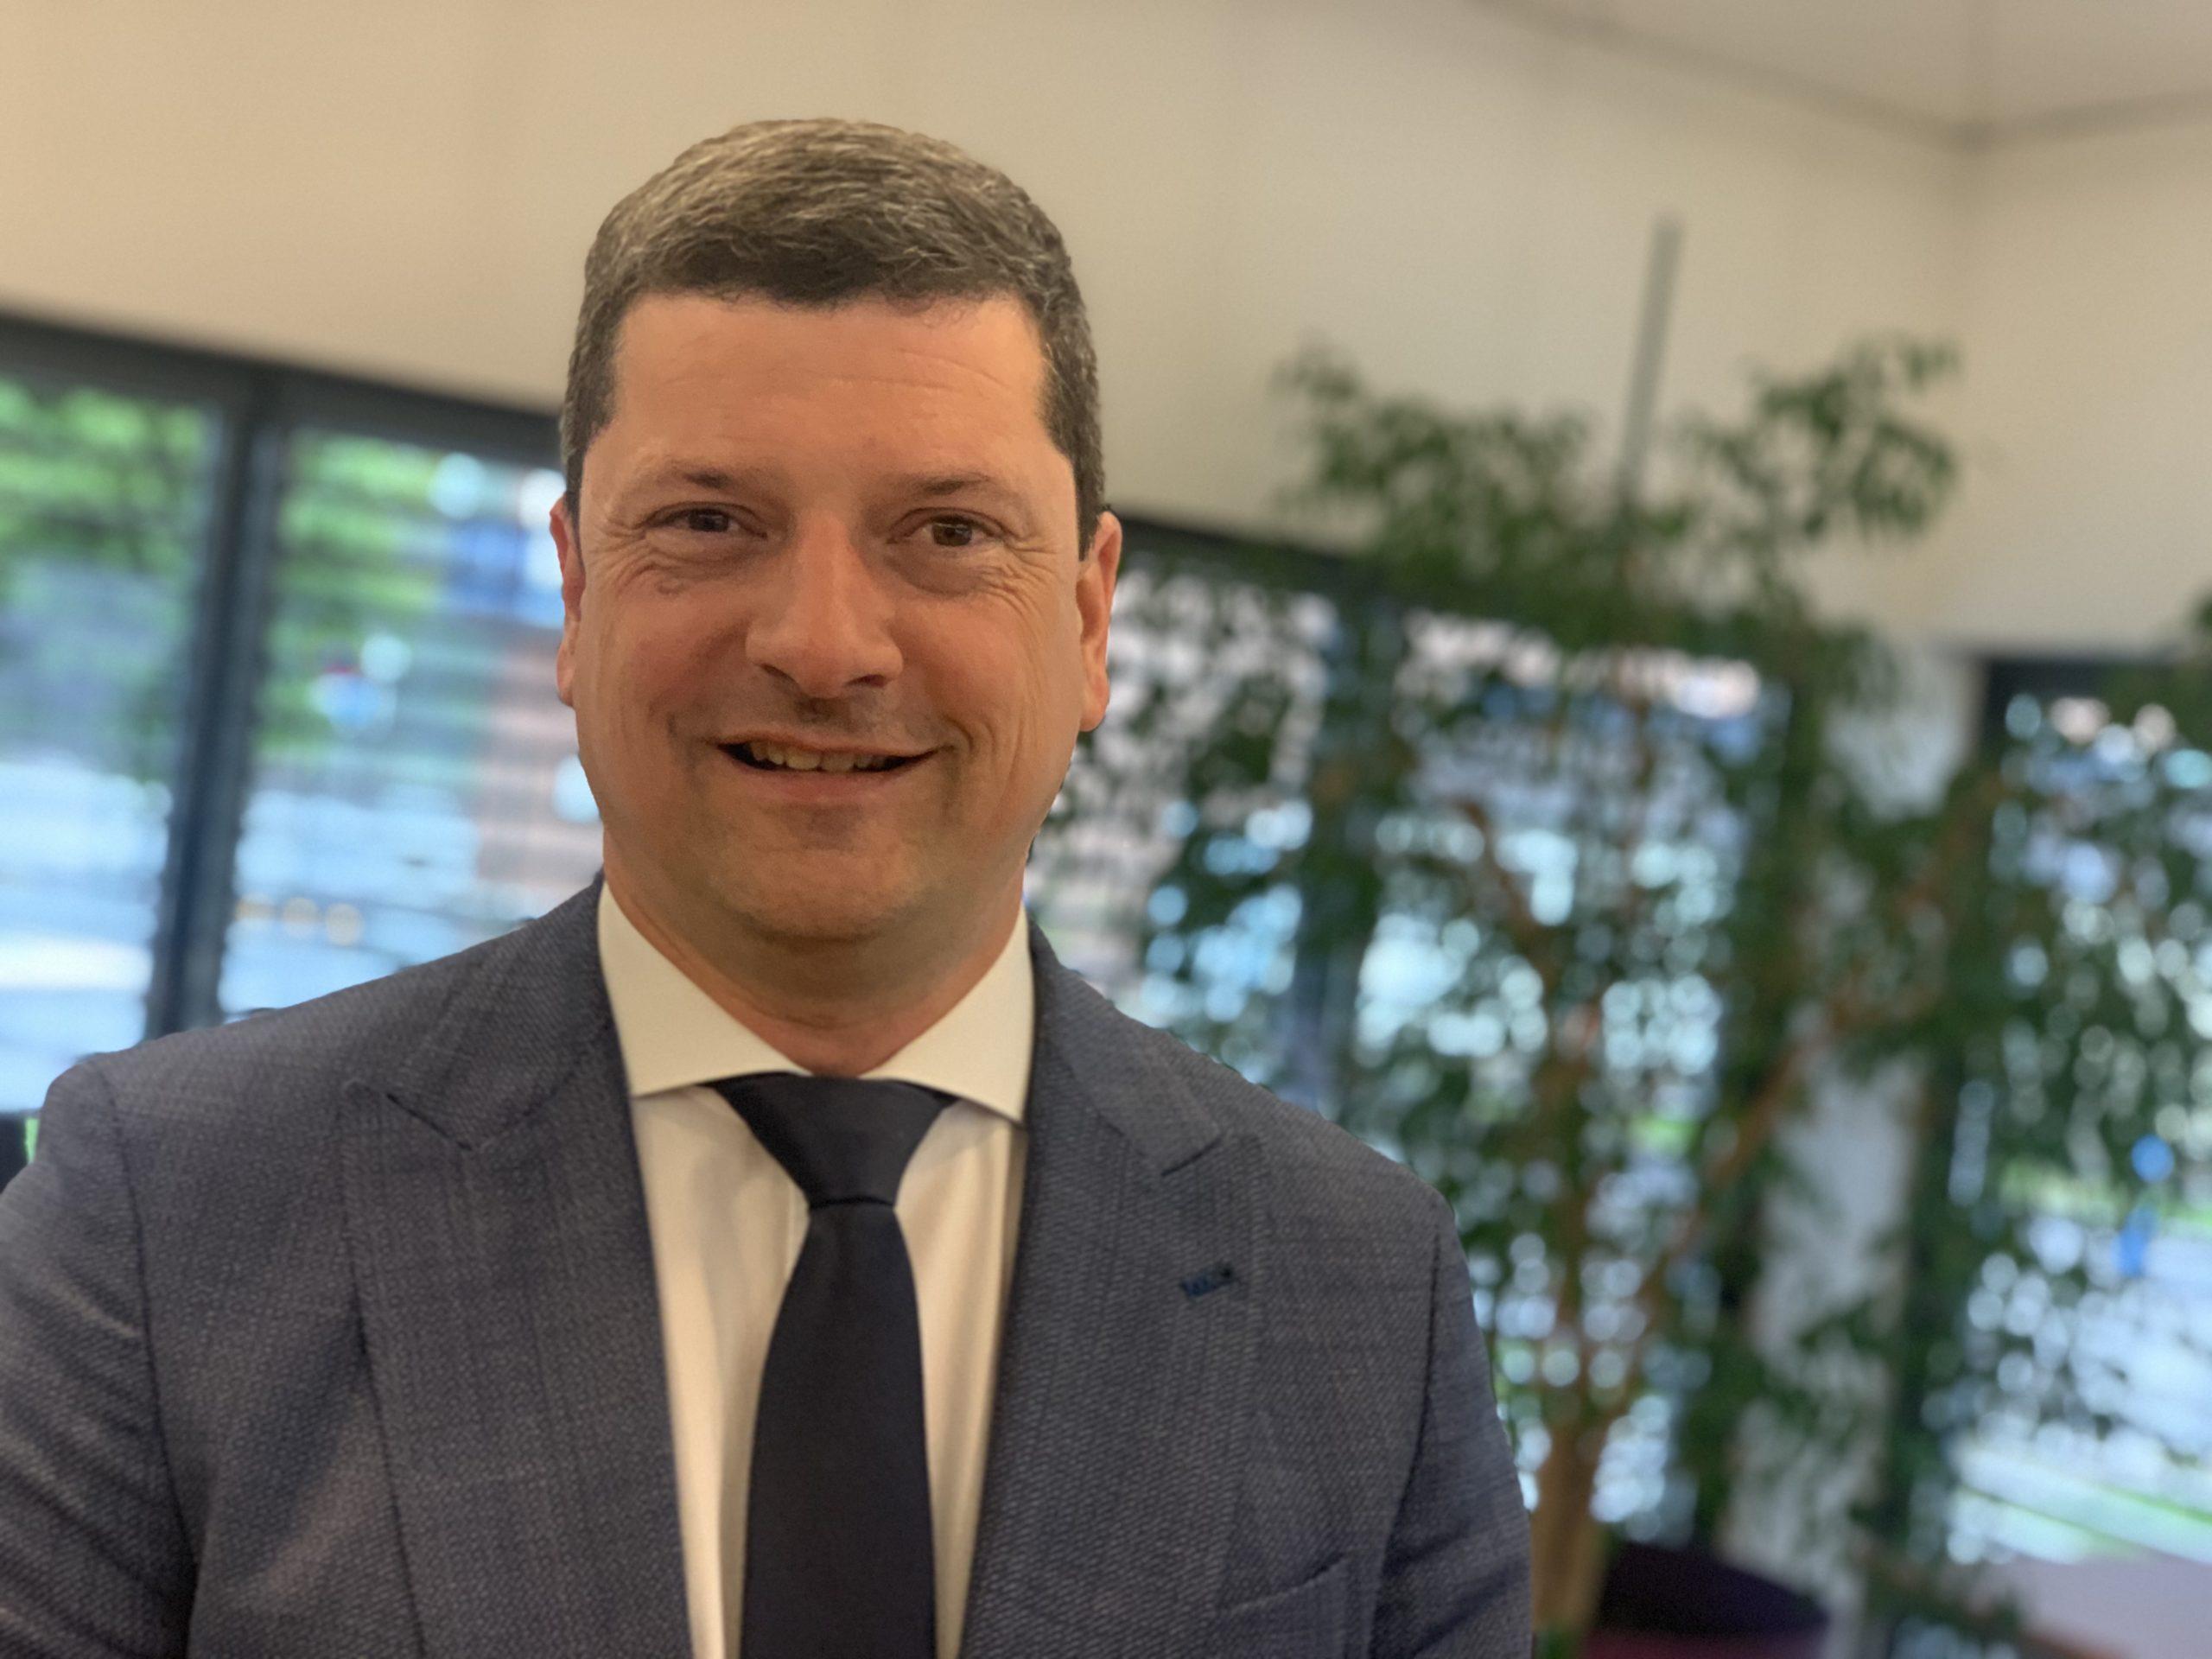 Florian Bouquet, président du conseil départemental du Territoire de Belfort, et candidat aux départementales 2021 dans le canton de Châtenois-les-Forges.